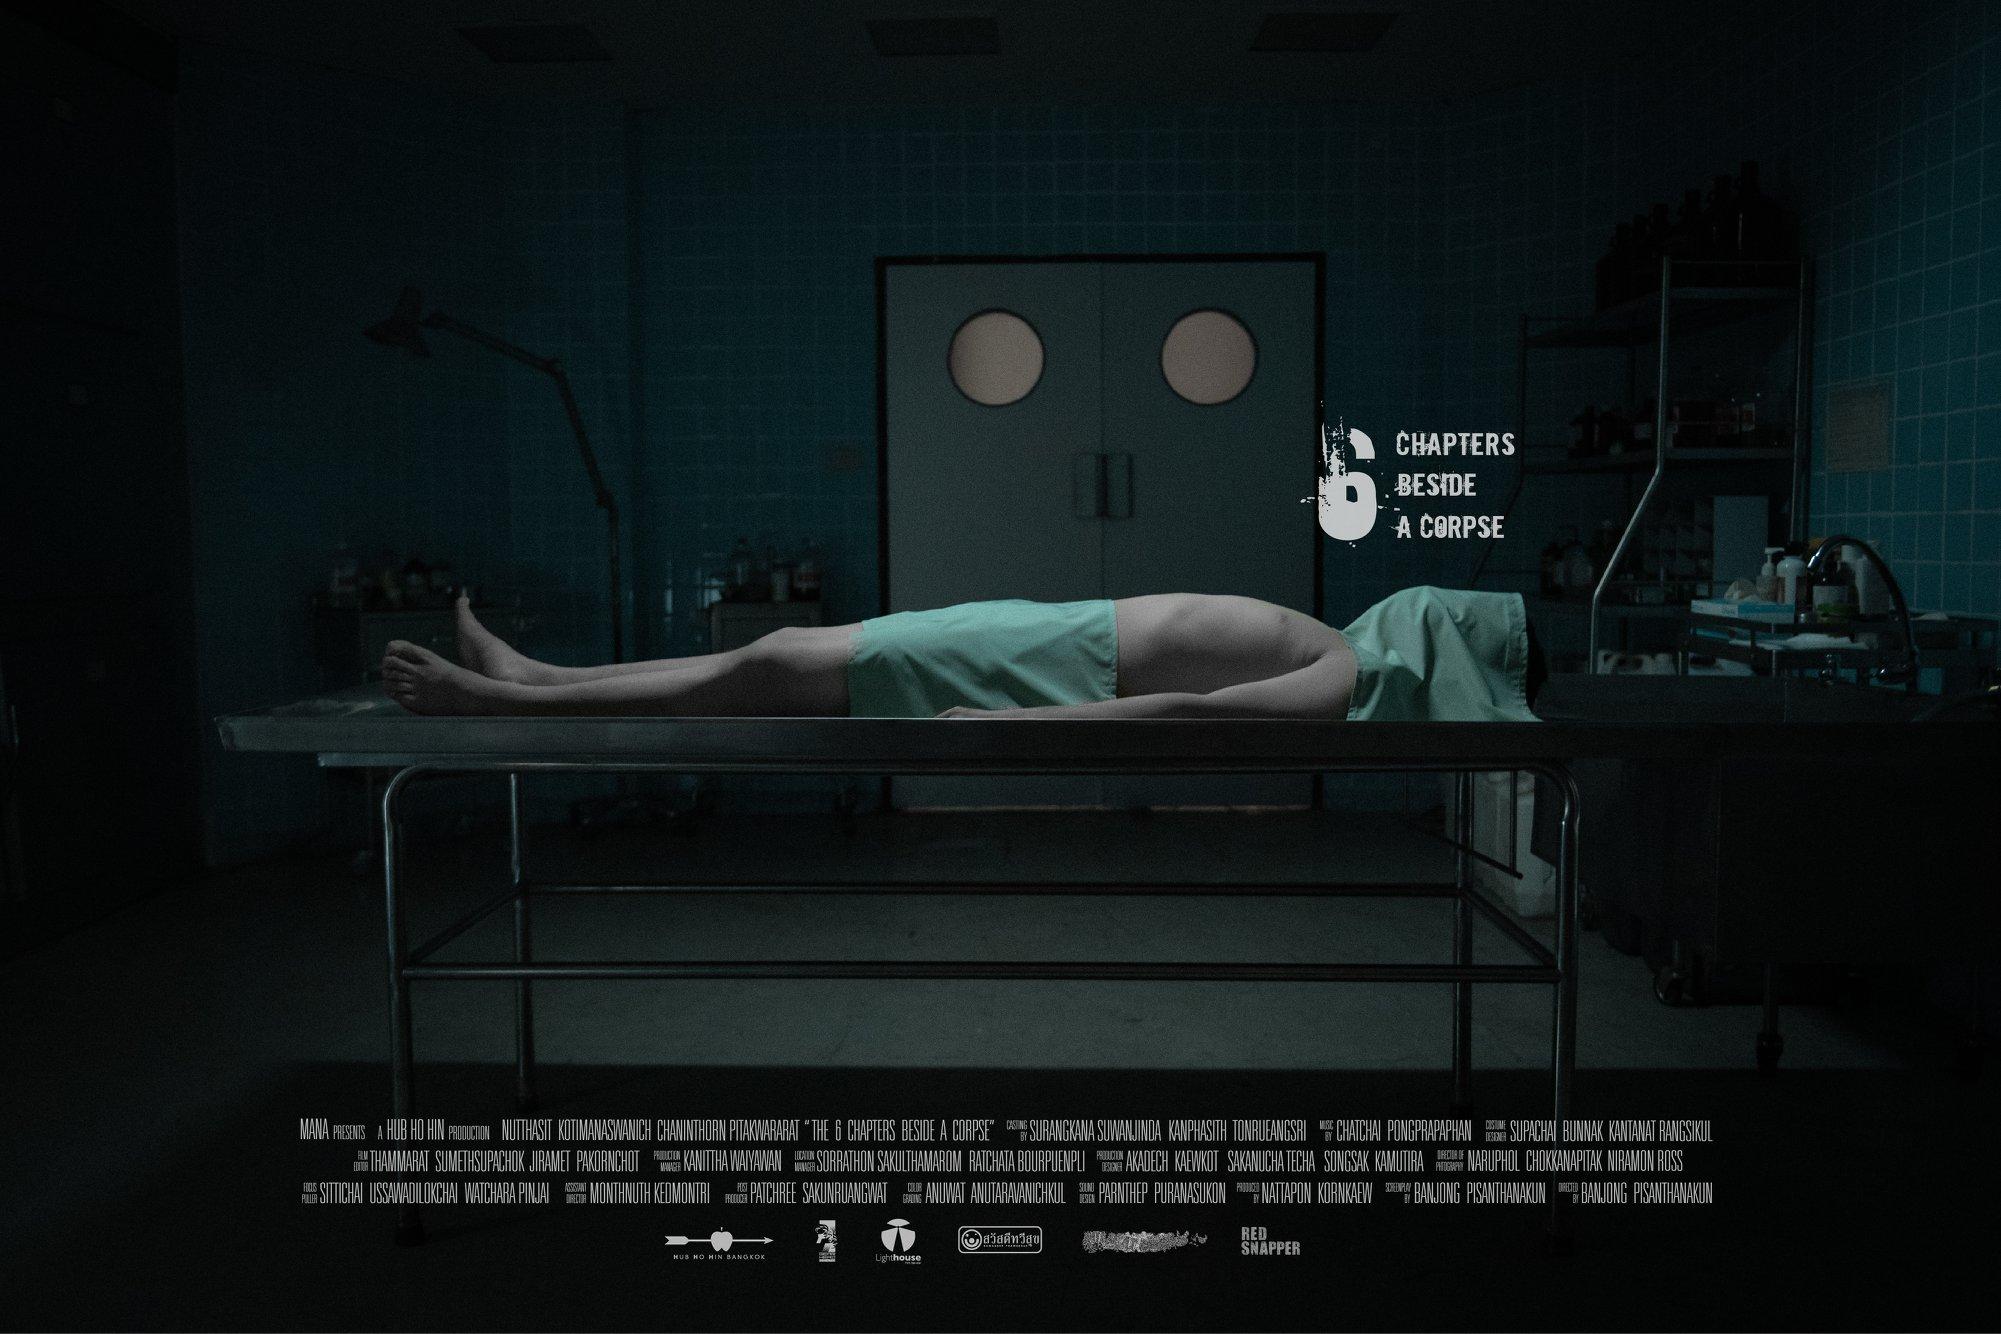 '6 บทสนทนาสัพเพเหระต่อหน้าศพ' หนังผีที่ไม่น่ากลัว แต่โครตน่าดู